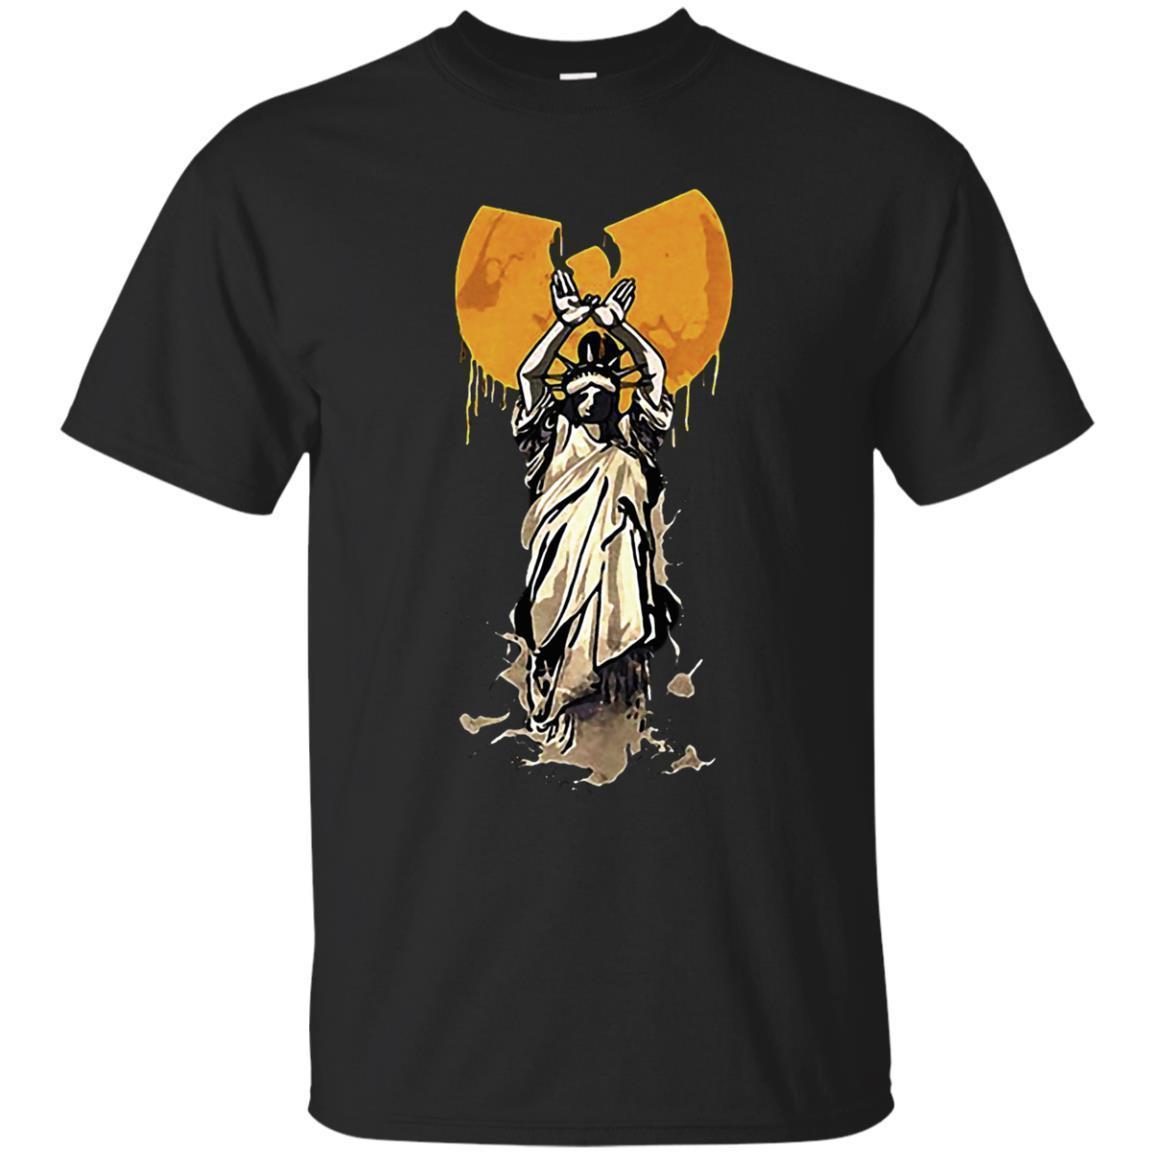 Wu Tang Statue Of Liberty Wutang Shirts